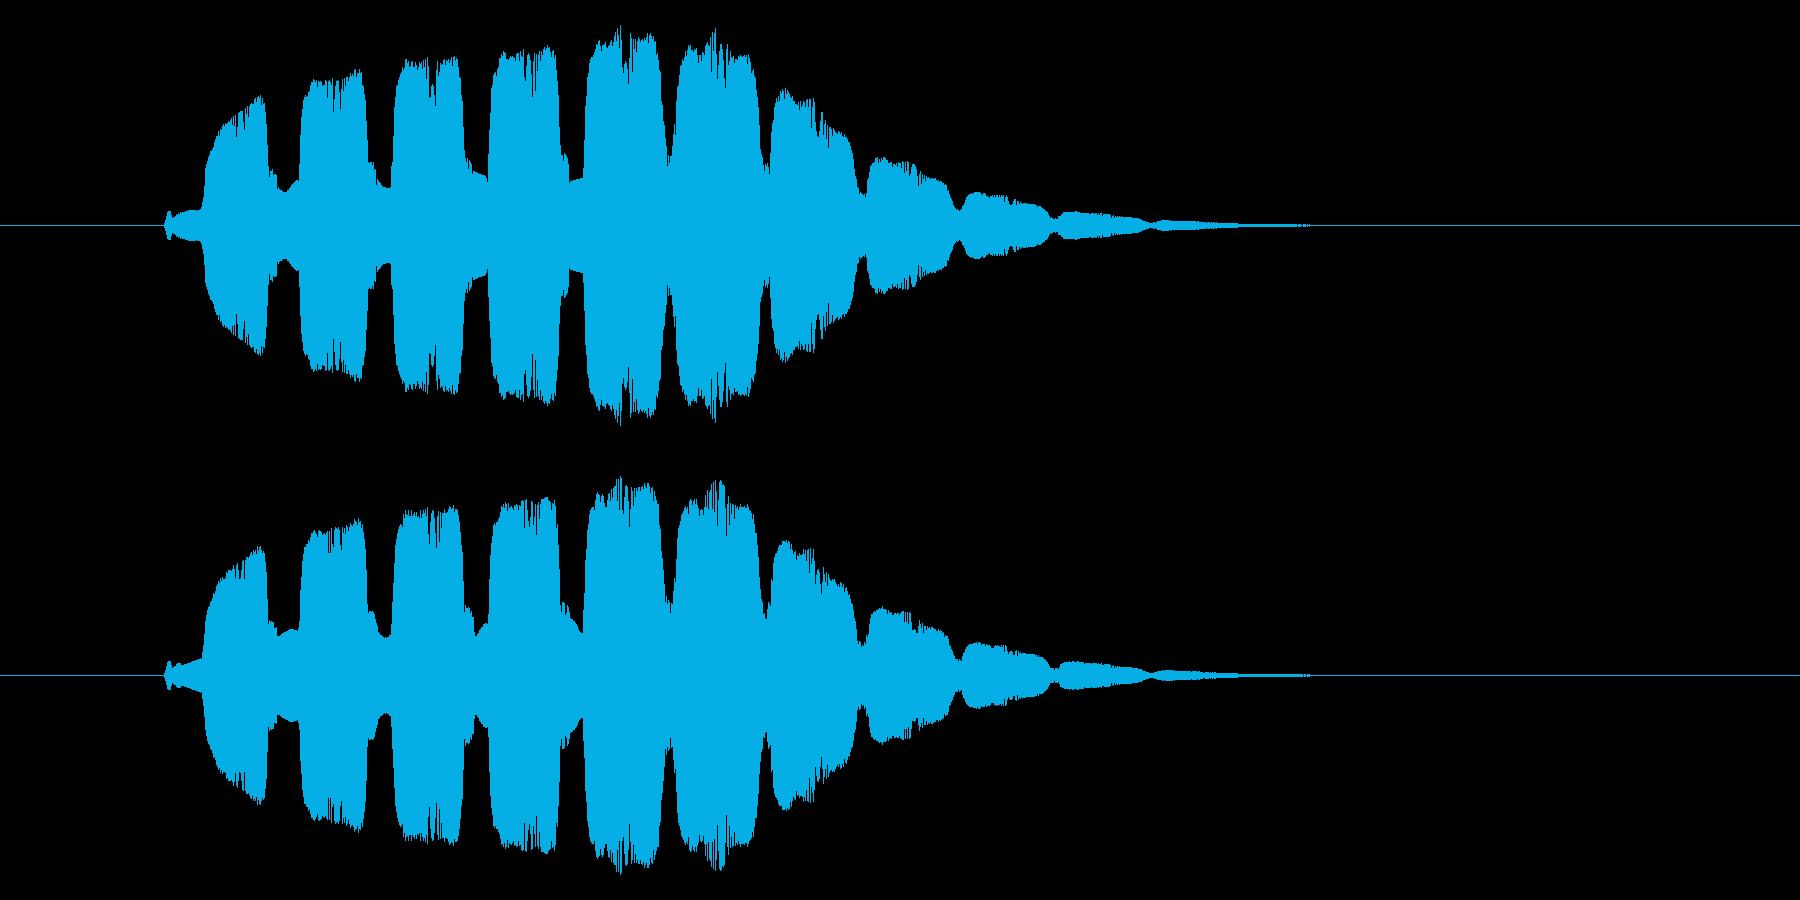 ピヨヨヨ(小さくなる・汗が流れる・困惑)の再生済みの波形